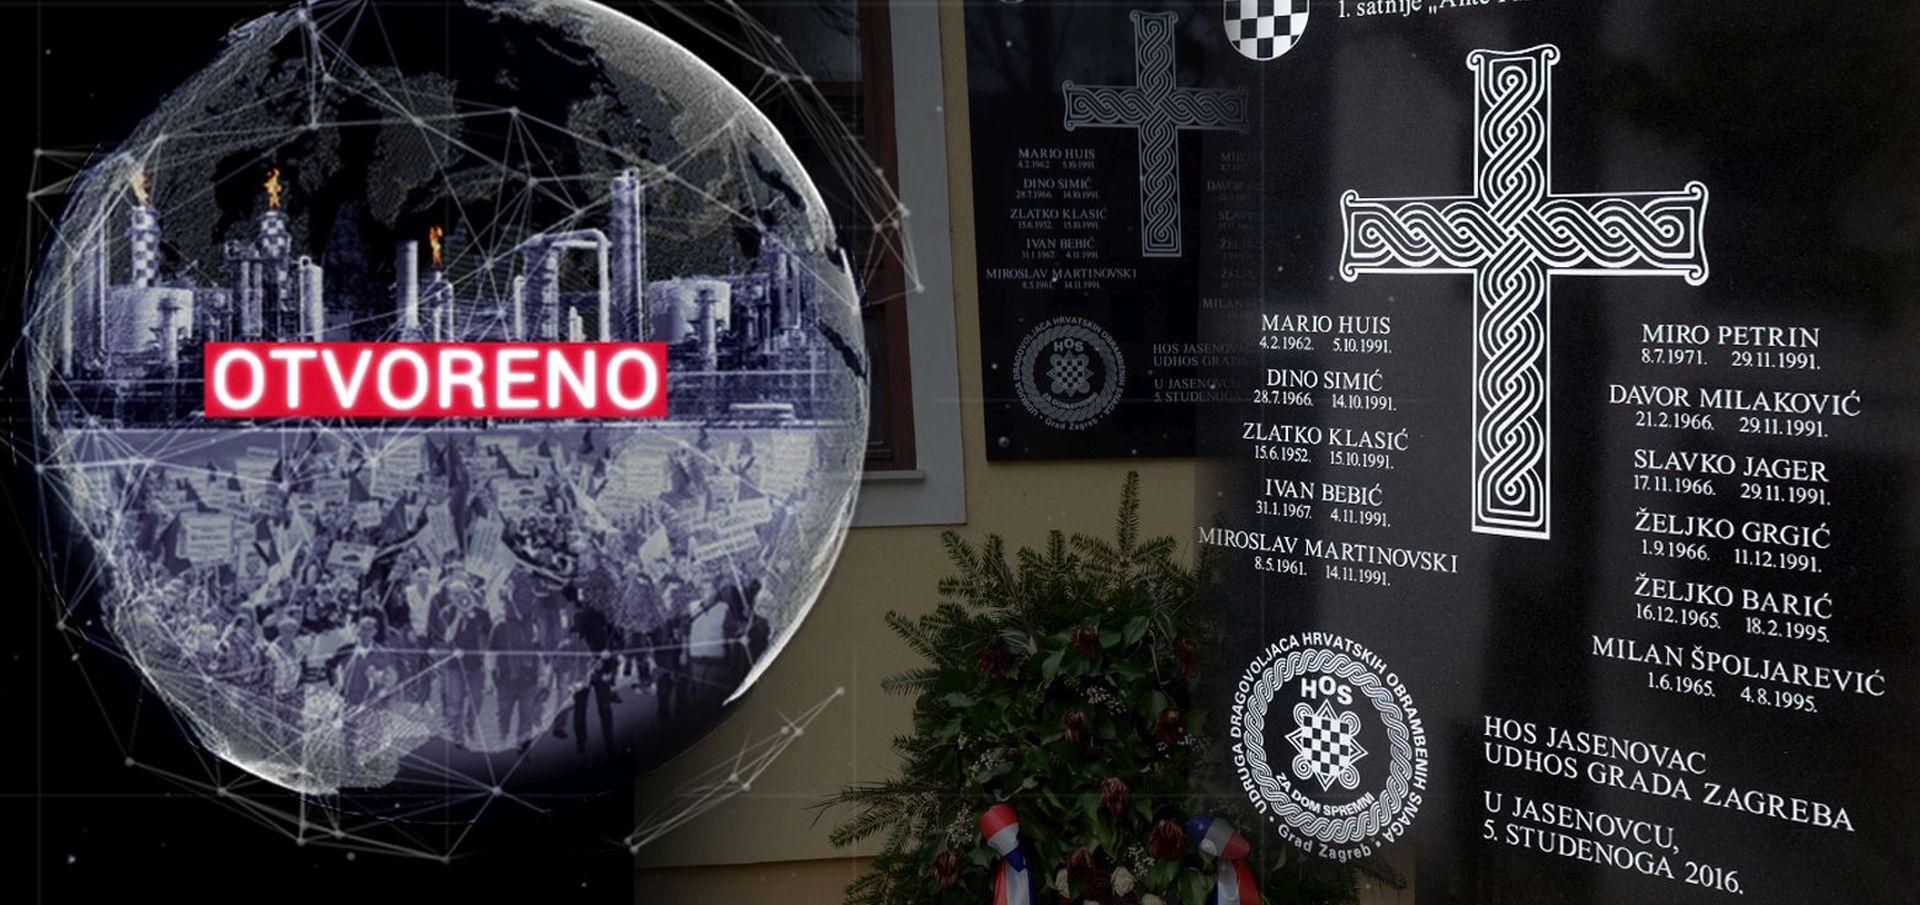 VIDEO: HOS I ZDS Živa, iskričava, provokativna rasprava Hasanbegovića, Nazora, Jakovine i Uzinića